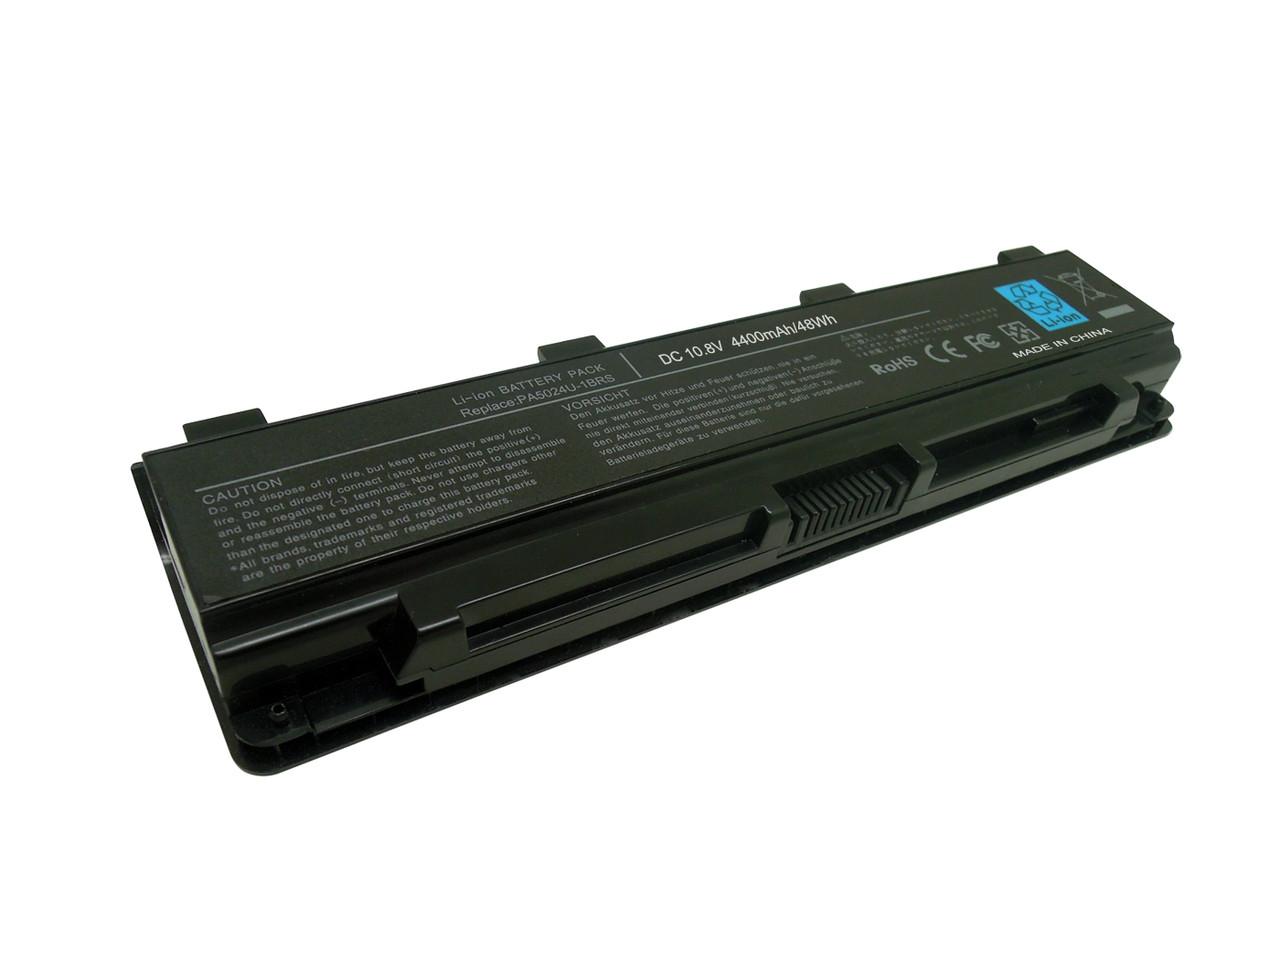 Батарея для ноутбука TOSHIBA SATELLITE L855D-S5242